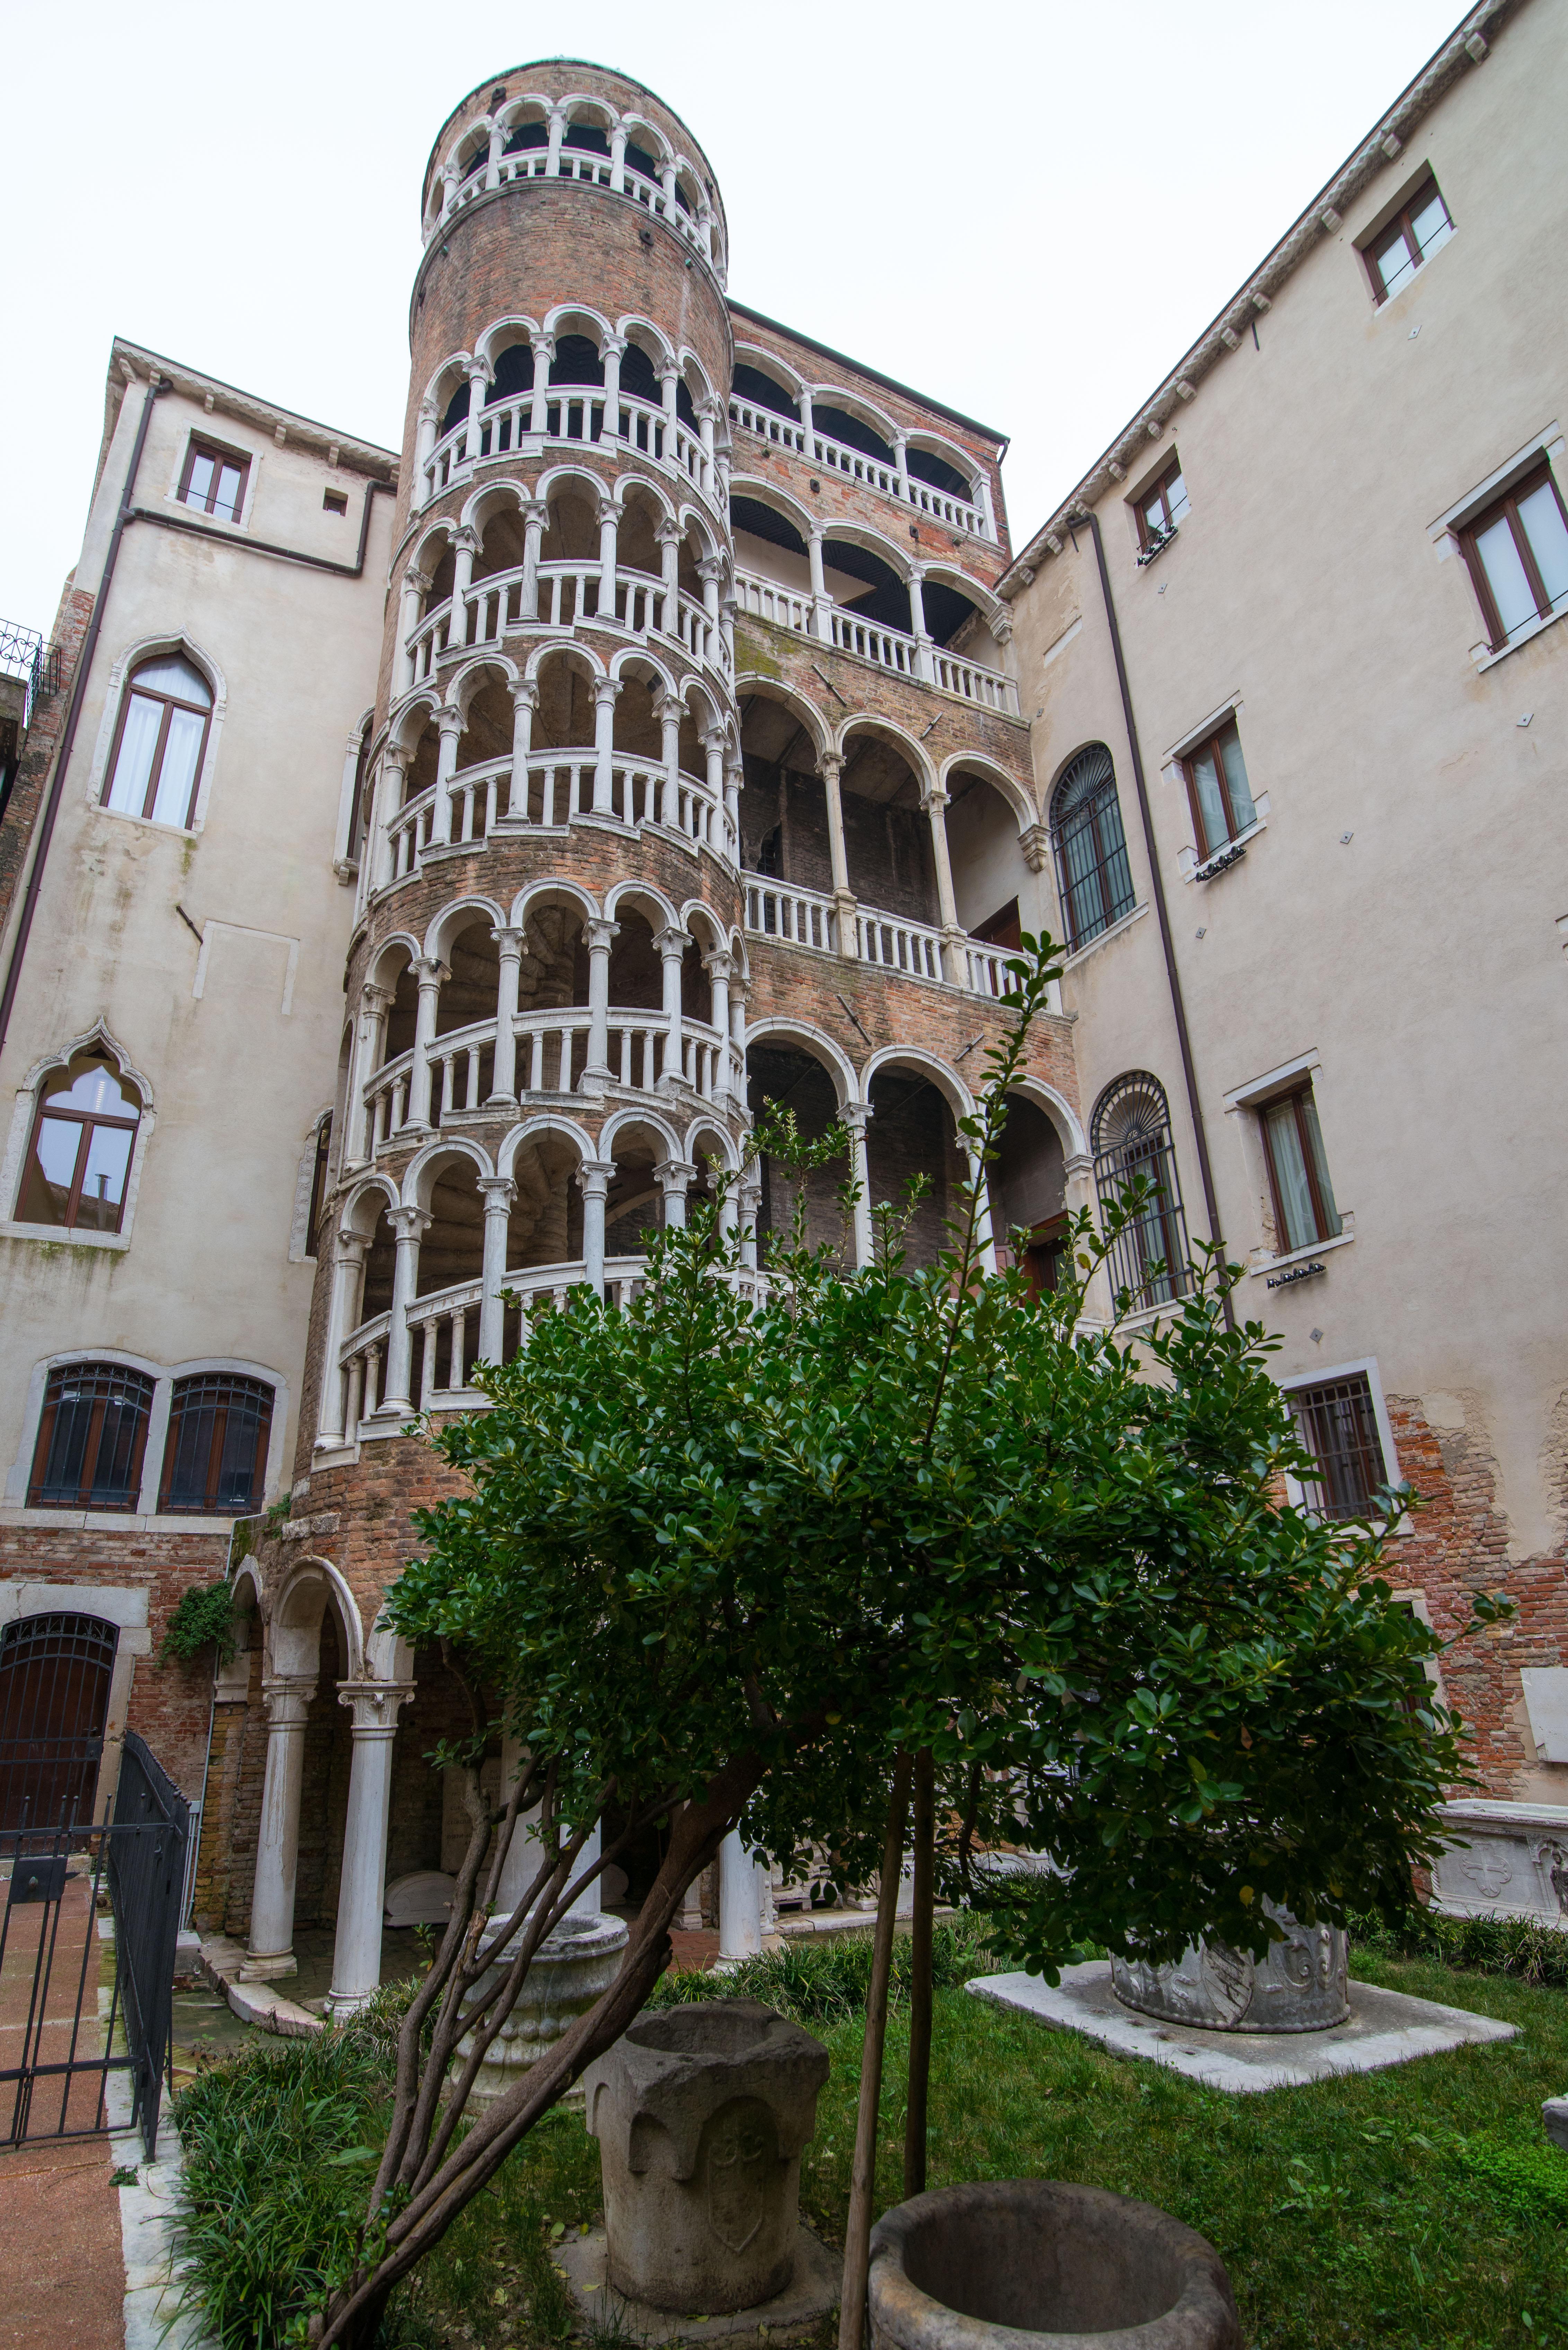 scala contarini vedere venezia